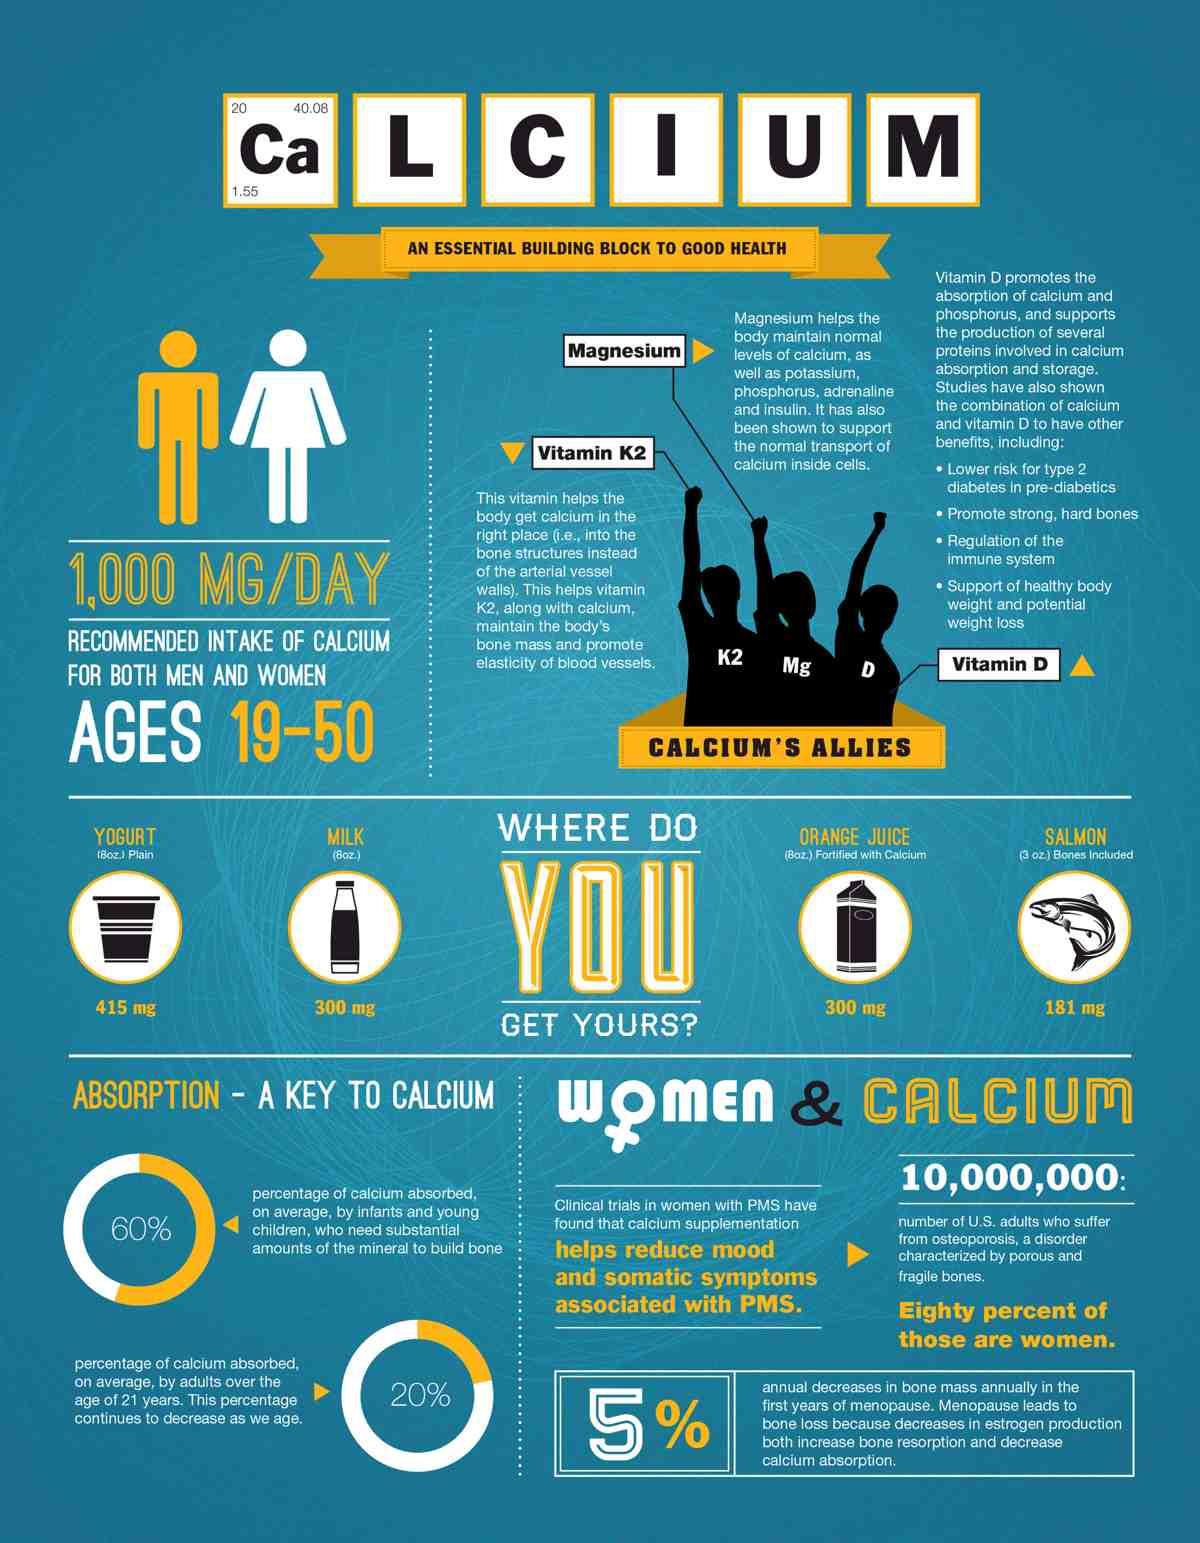 Calcium For Body And Its Allies Calcium,Vitamin,Magnesium,intake,infographic